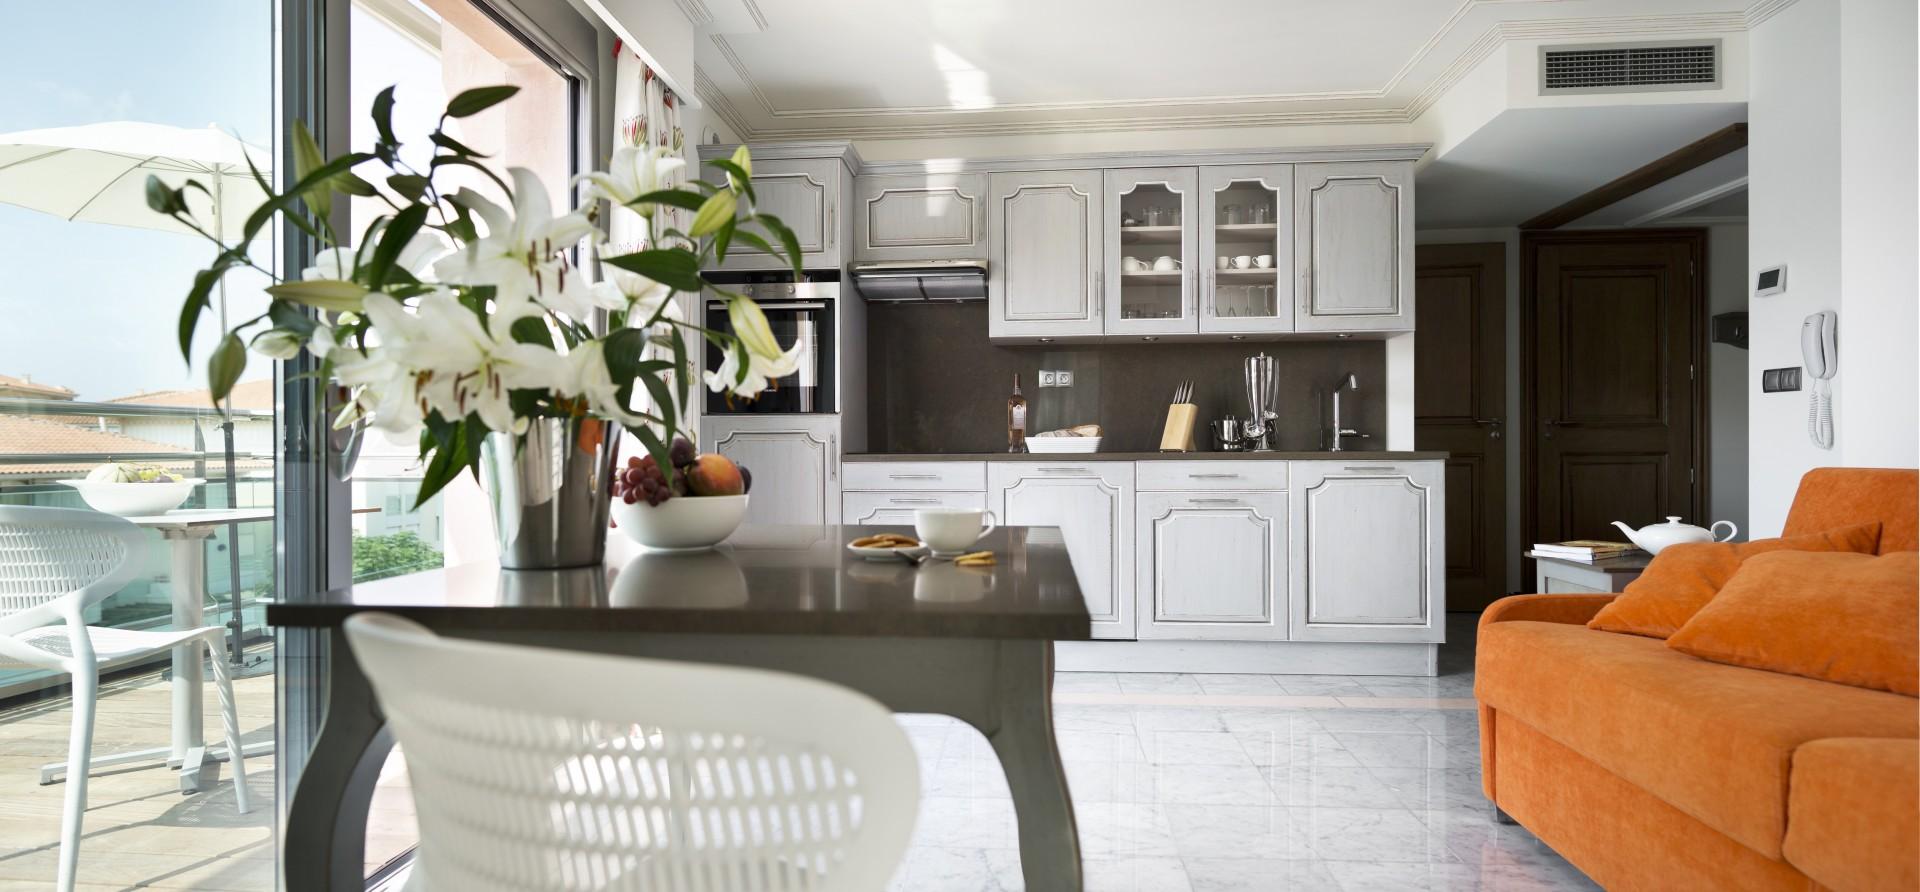 Saint Raphaël Location Appartement Dans Résidence Luxe Serratule Salon